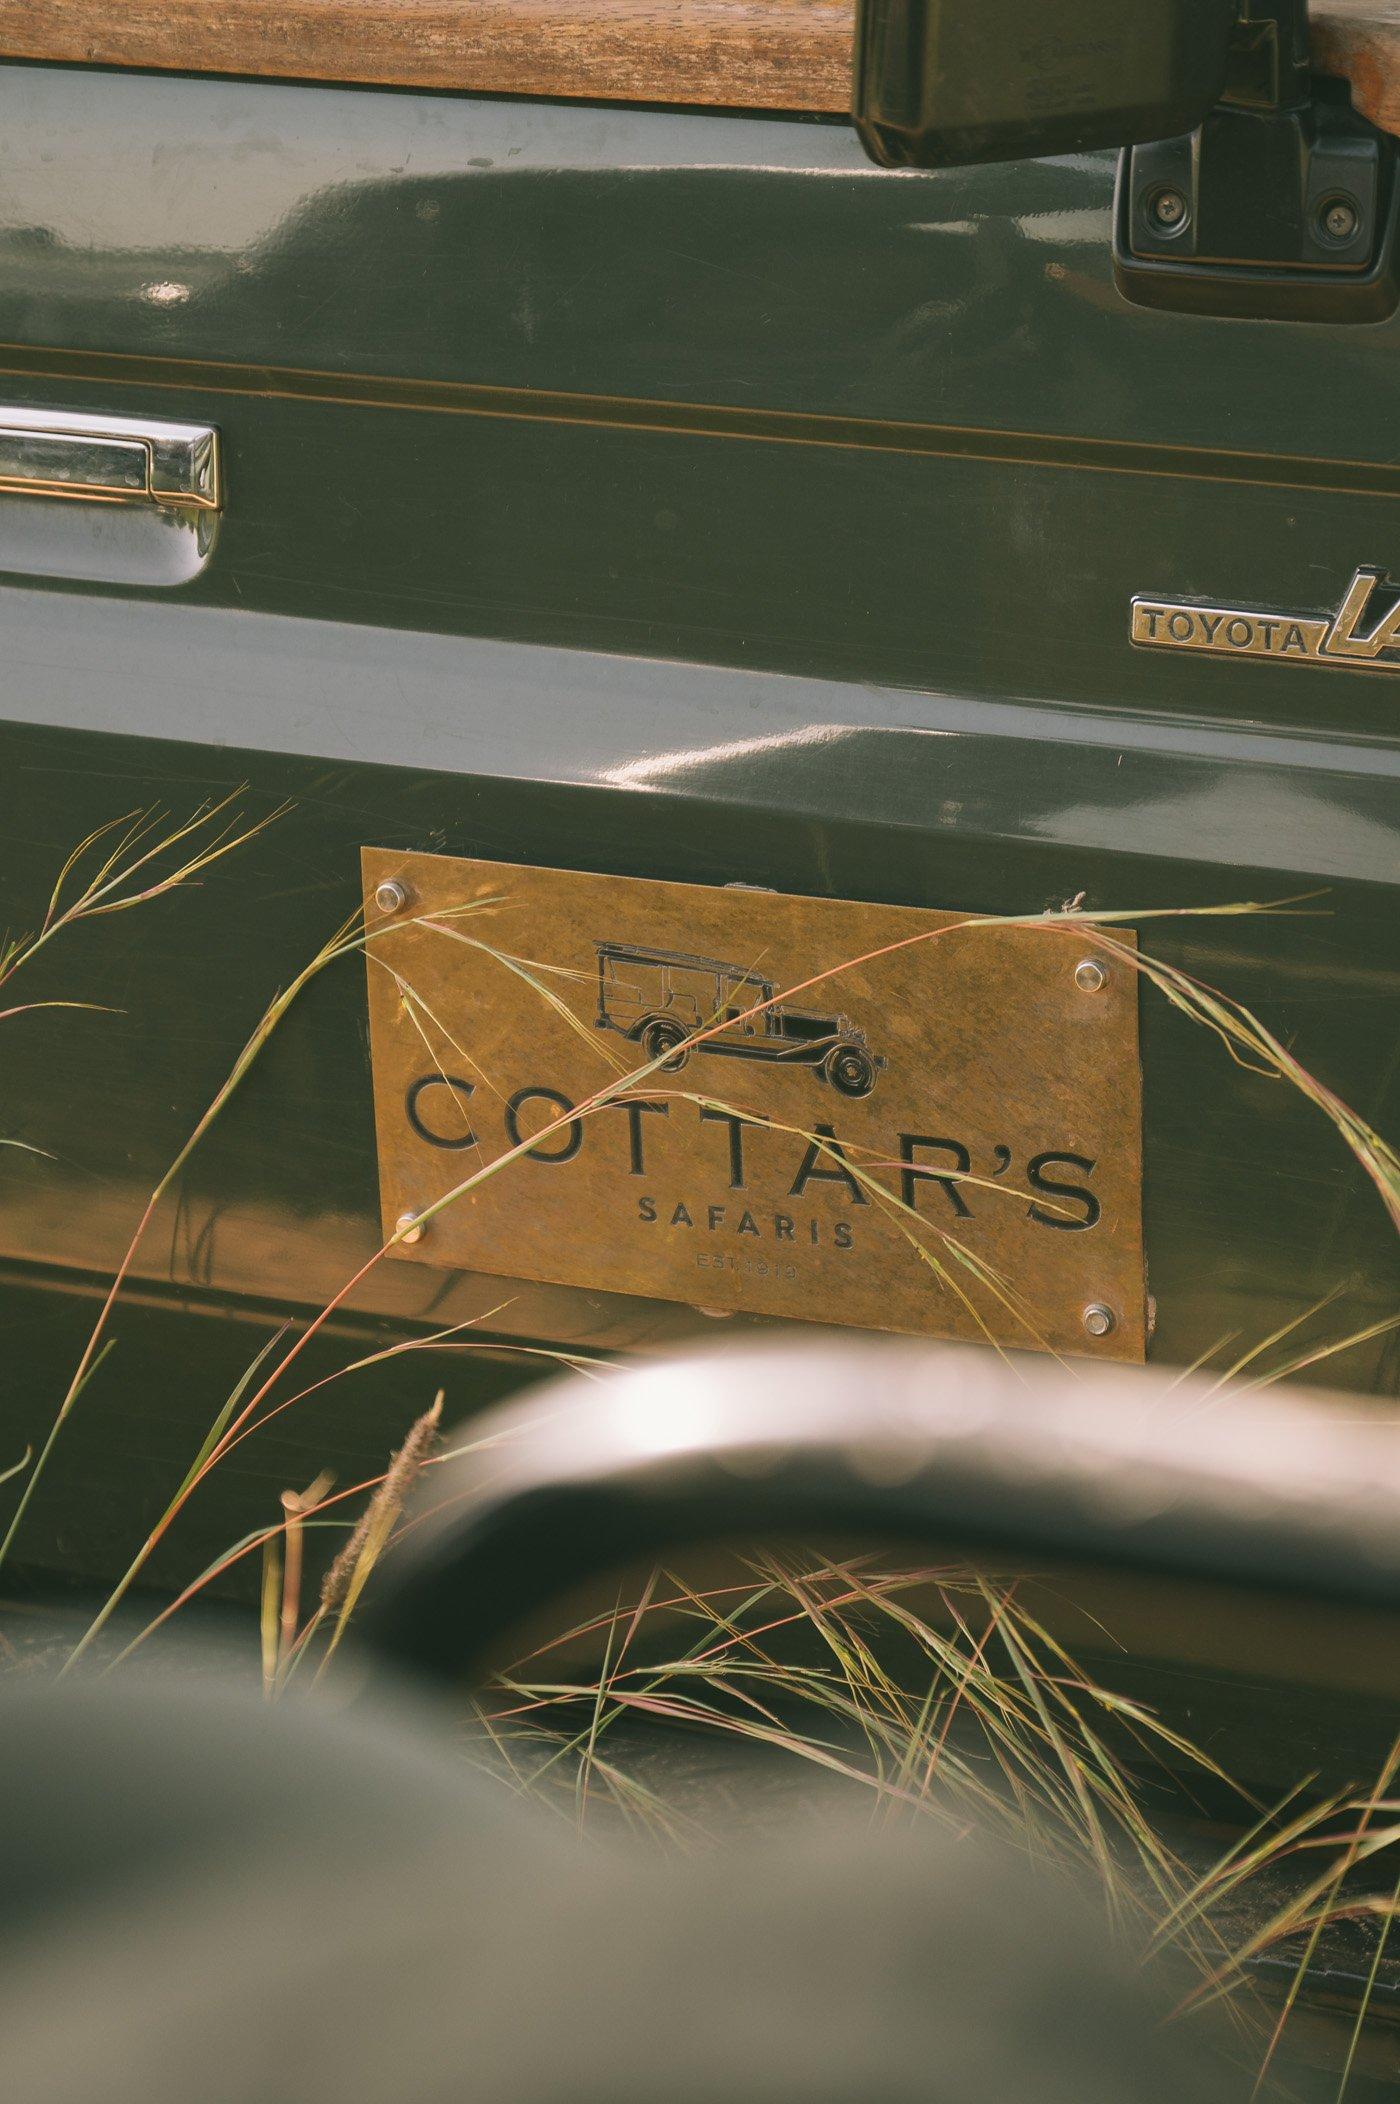 Cottar's safari vehicle